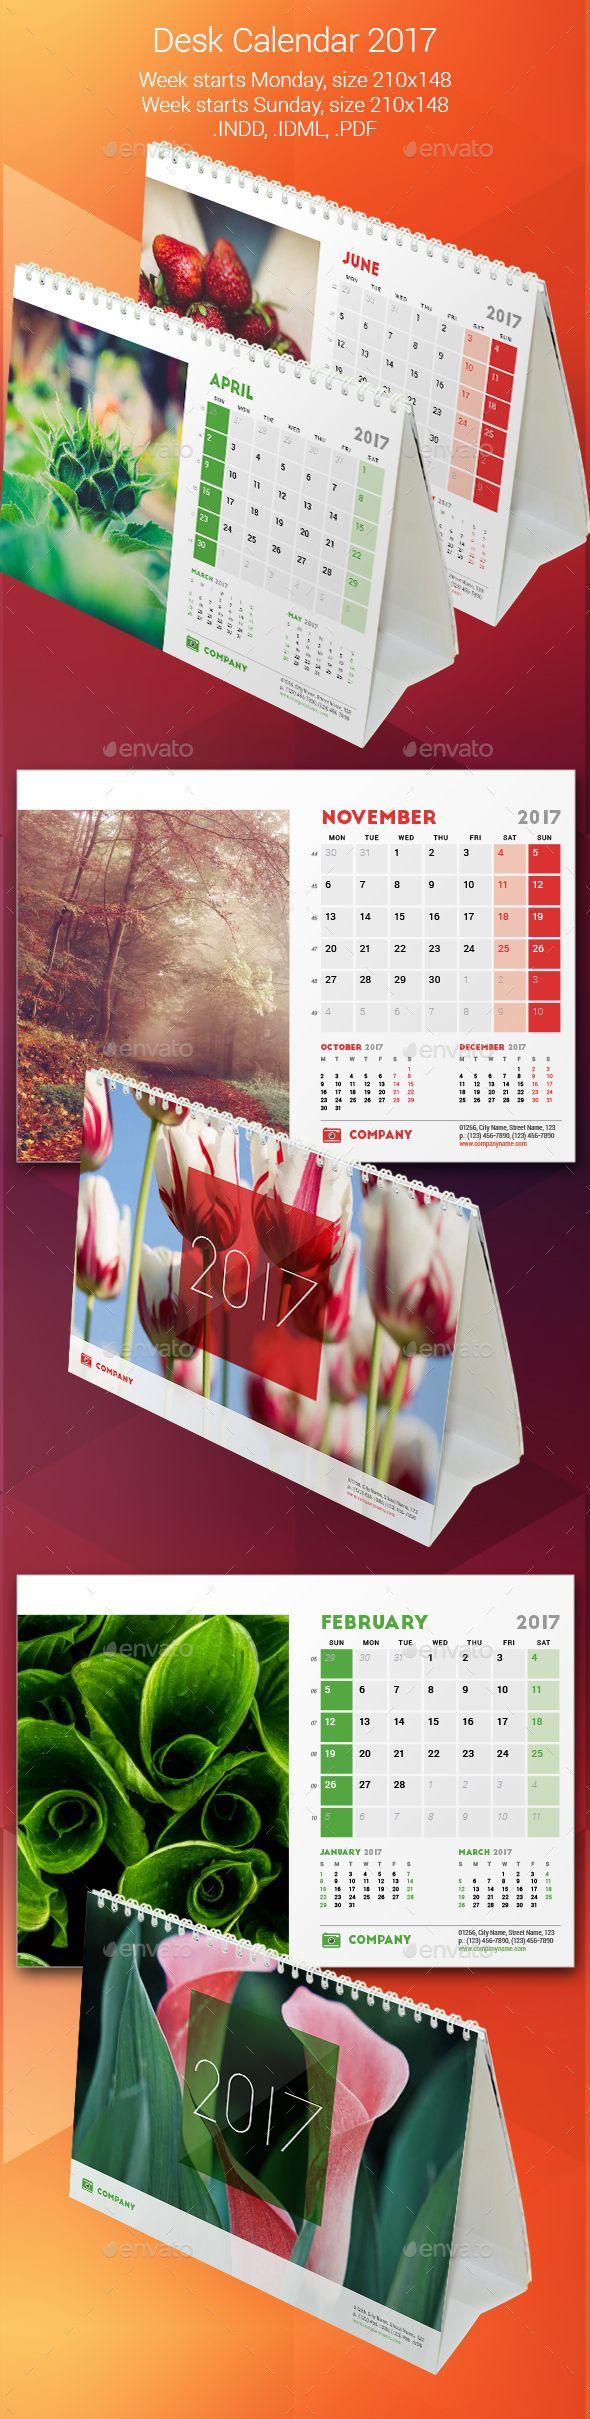 Desk Calendar 2016 Indesign INDD IDML PDF File Template design – Sample Indesign Calendar